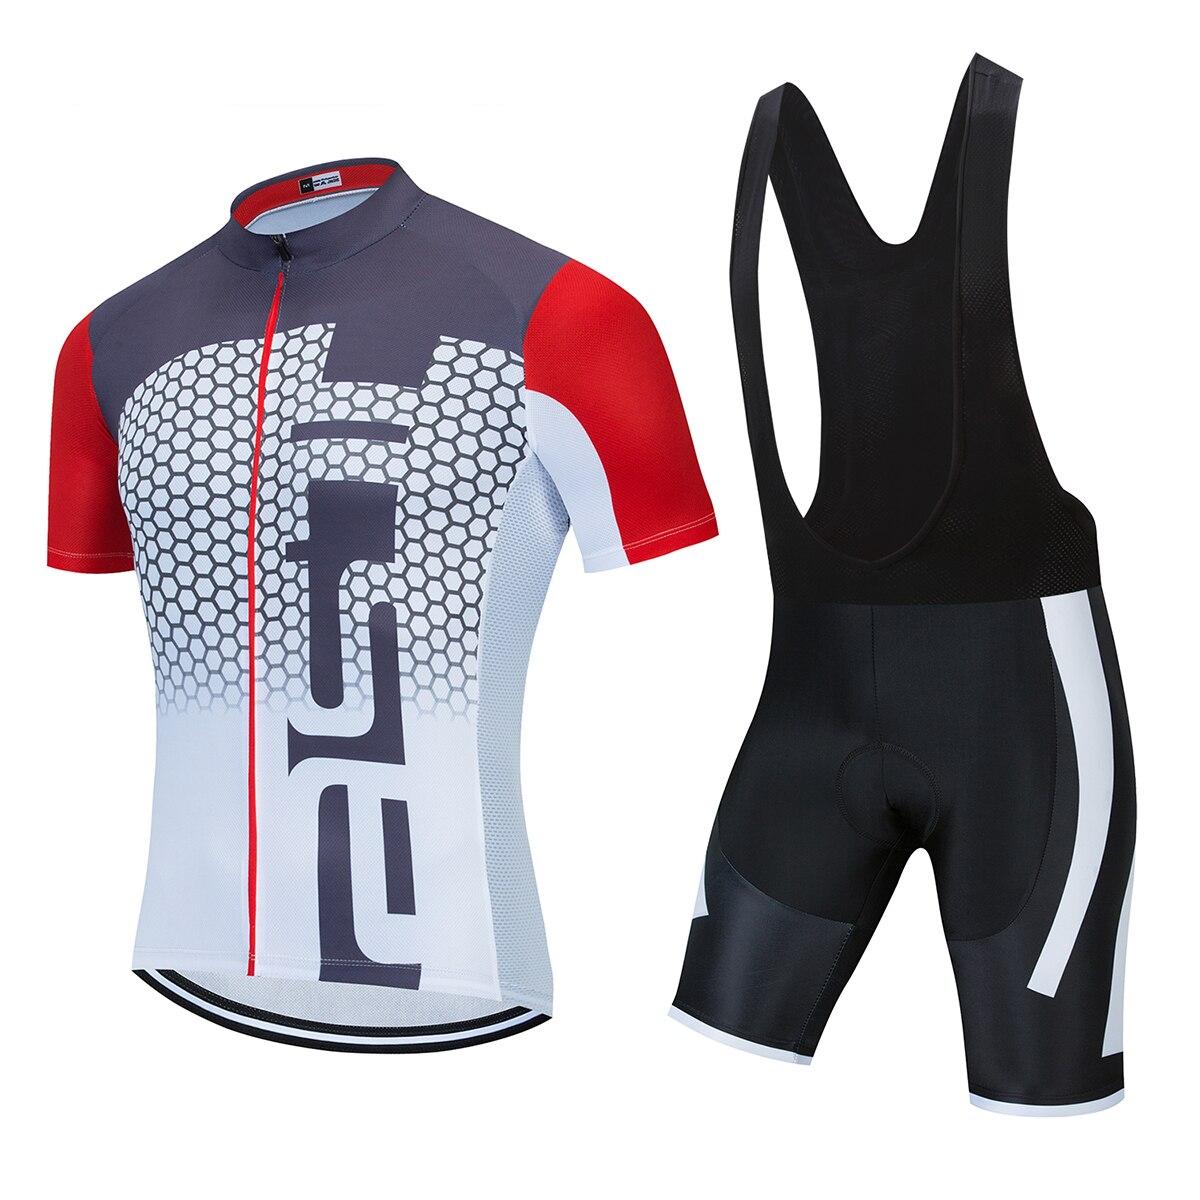 Rcc céu segafredo 2020 pro equipe conjunto camisa de ciclismo roupas de ciclismo dos homens mtb ciclismo bib shorts bicicleta conjunto jérsei ropa ciclismo